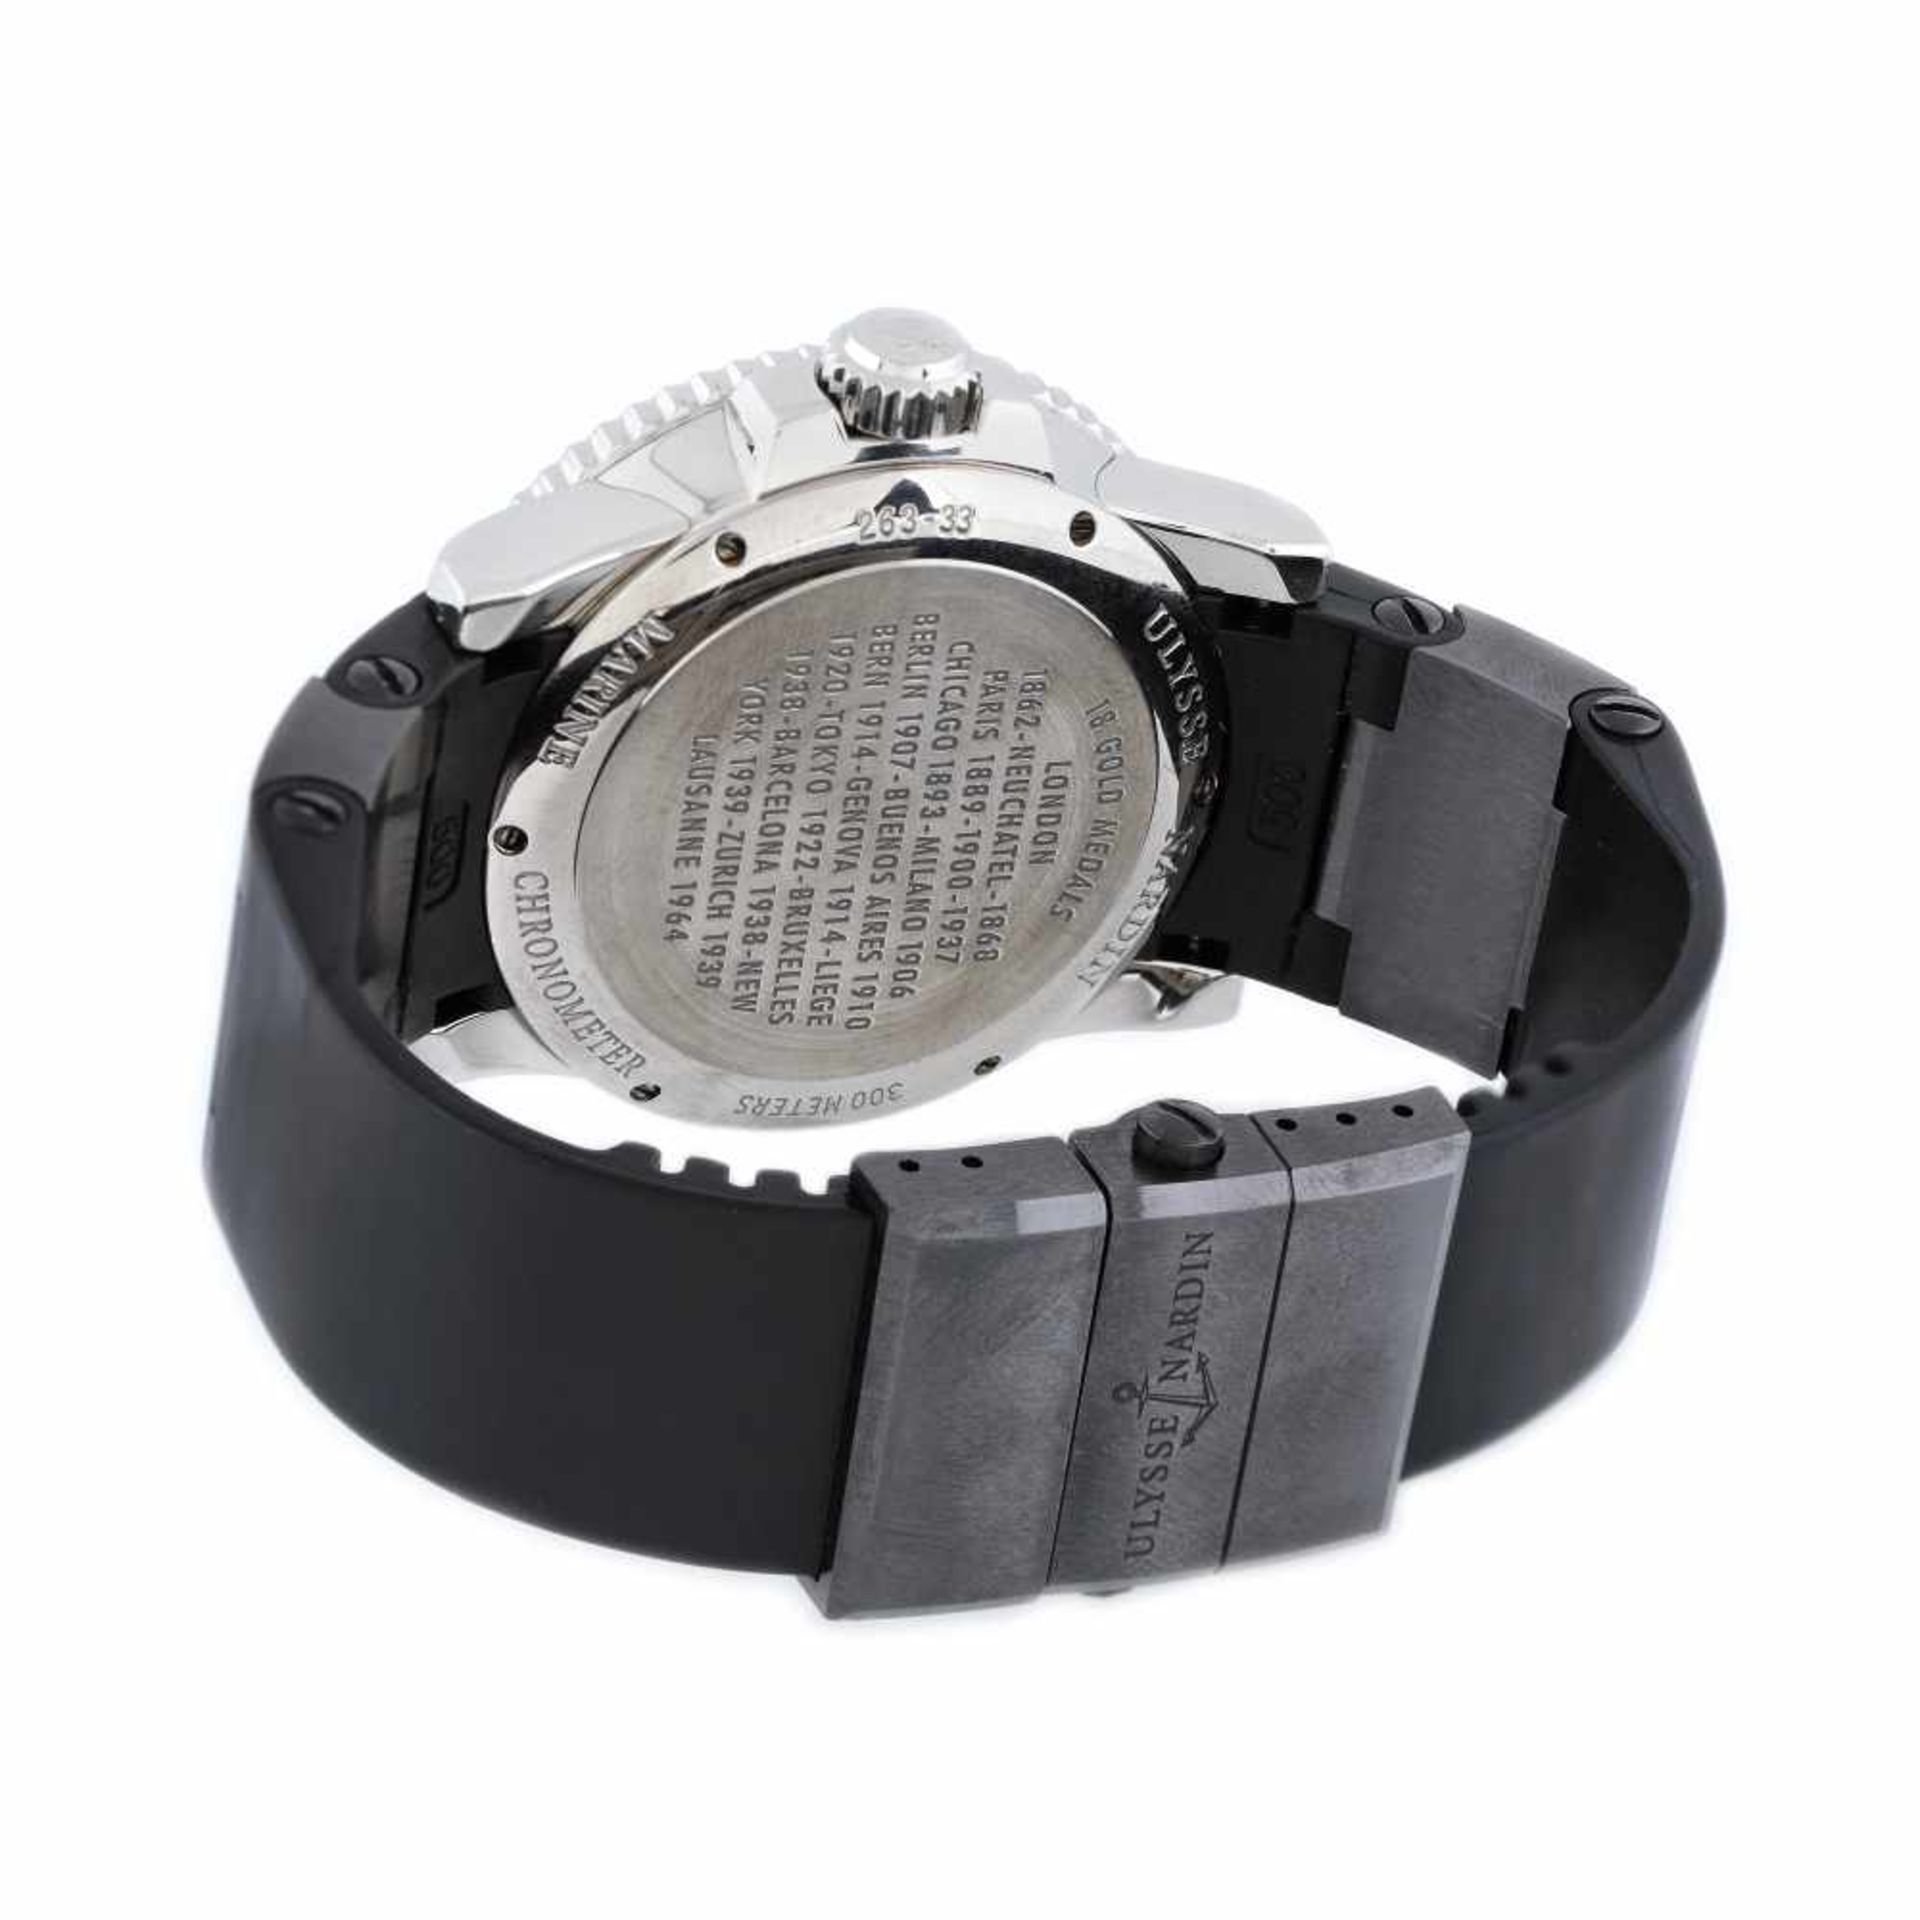 Ulysse Nardin Maxi Marine Diver wristwatch, men, provenance documents - Bild 3 aus 4